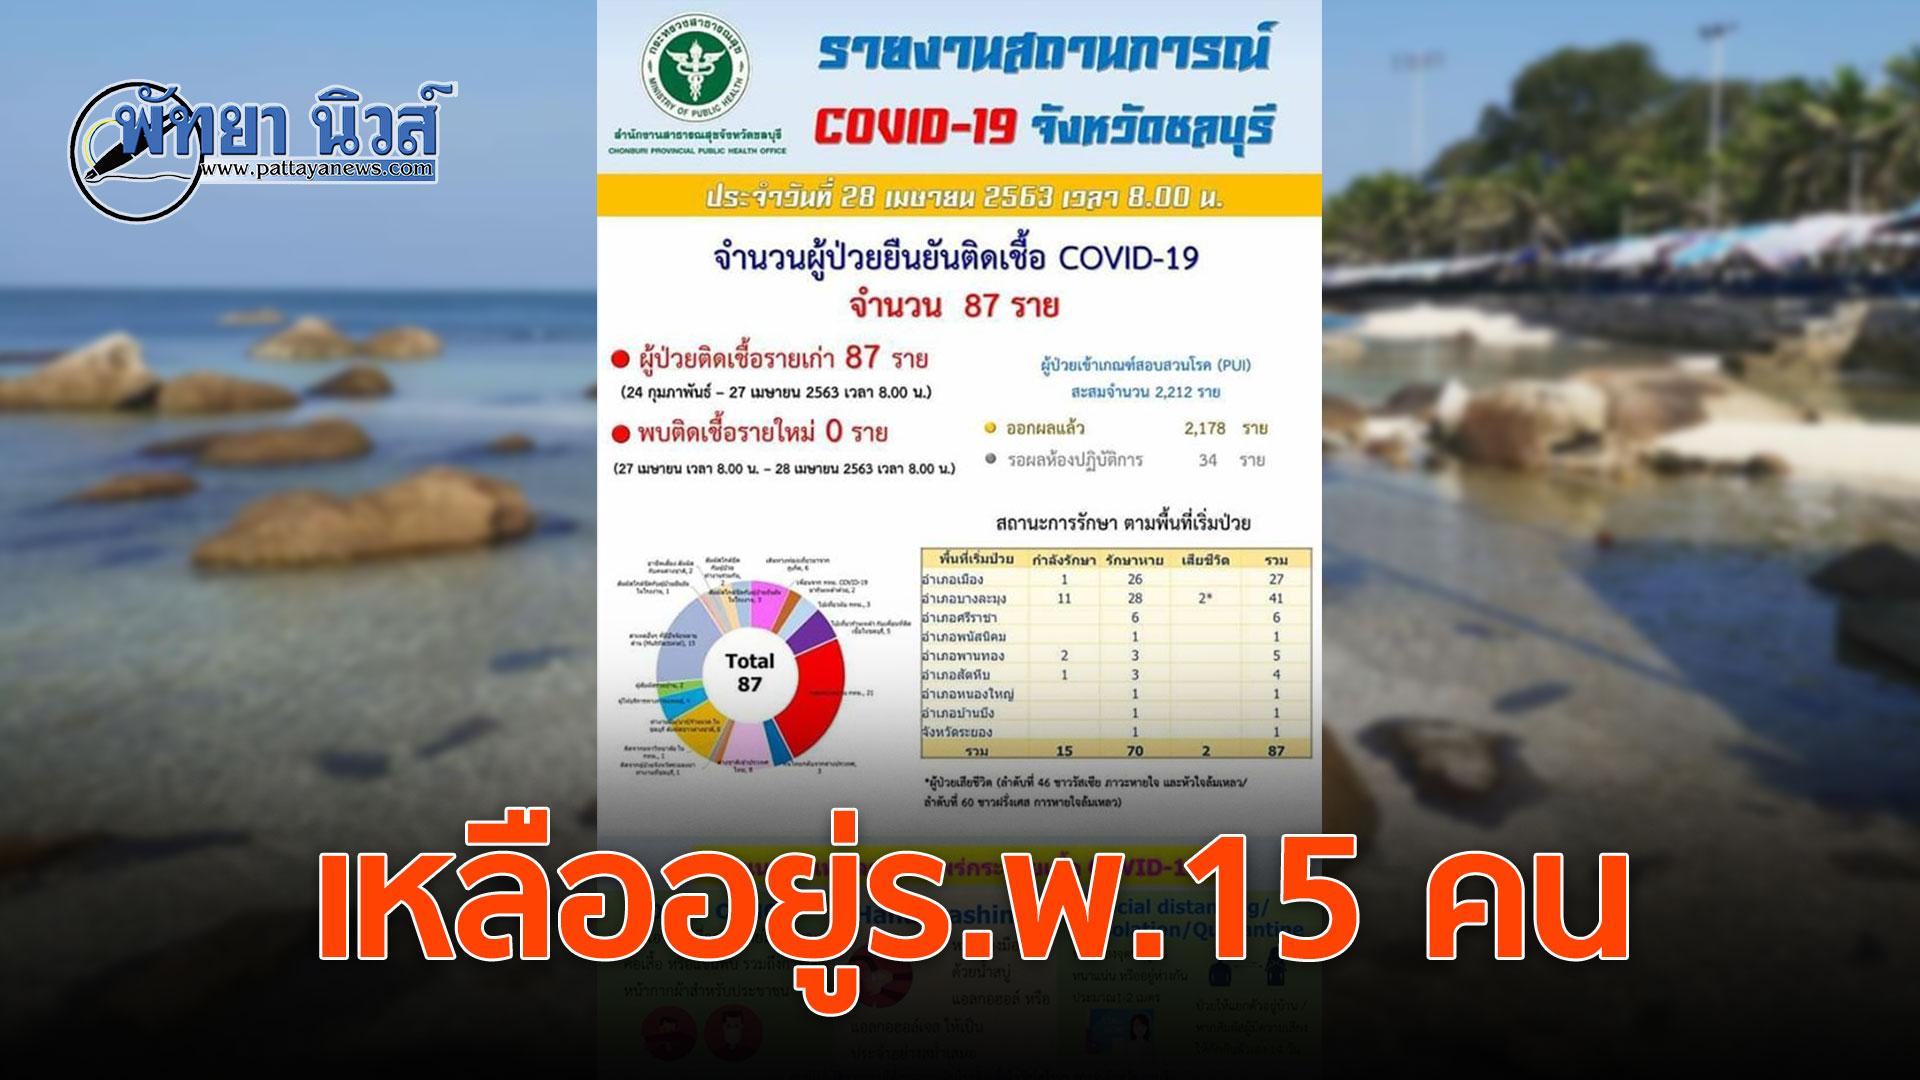 ชลบุรี ไม่พบผู้ติดเชื้อโควิดเพิ่ม รวมสะสมเท่าเดิม 87 ราย